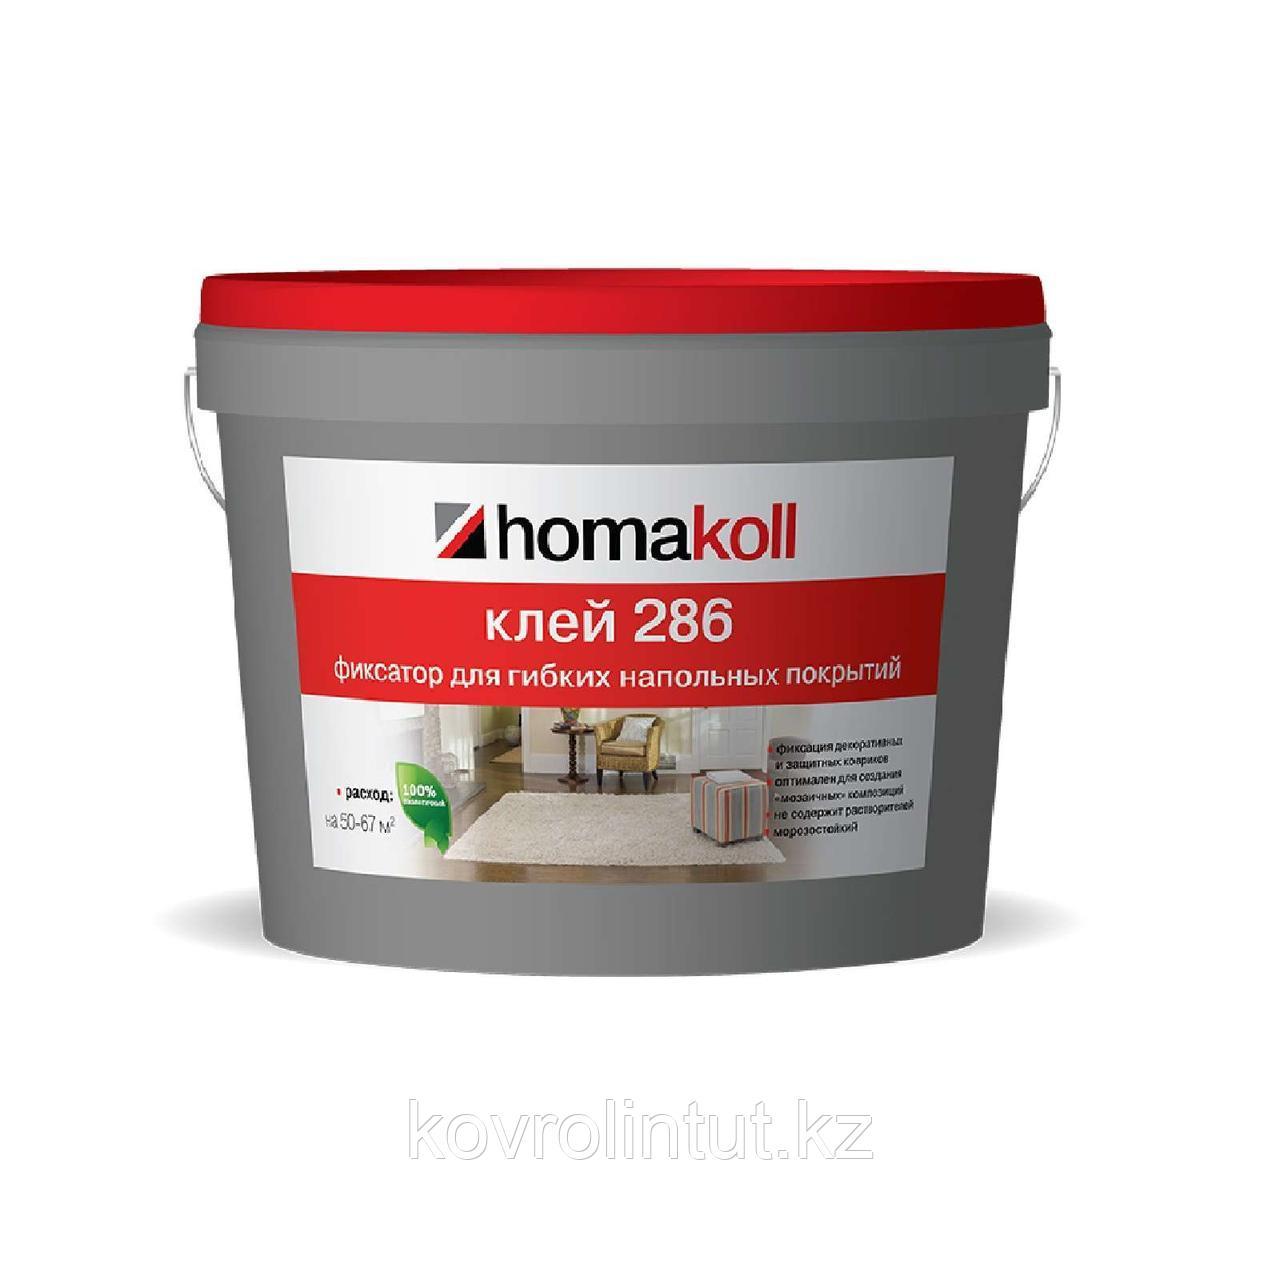 Клей-фиксатор Homakoll 286 для гибких покрытий, 1 кг